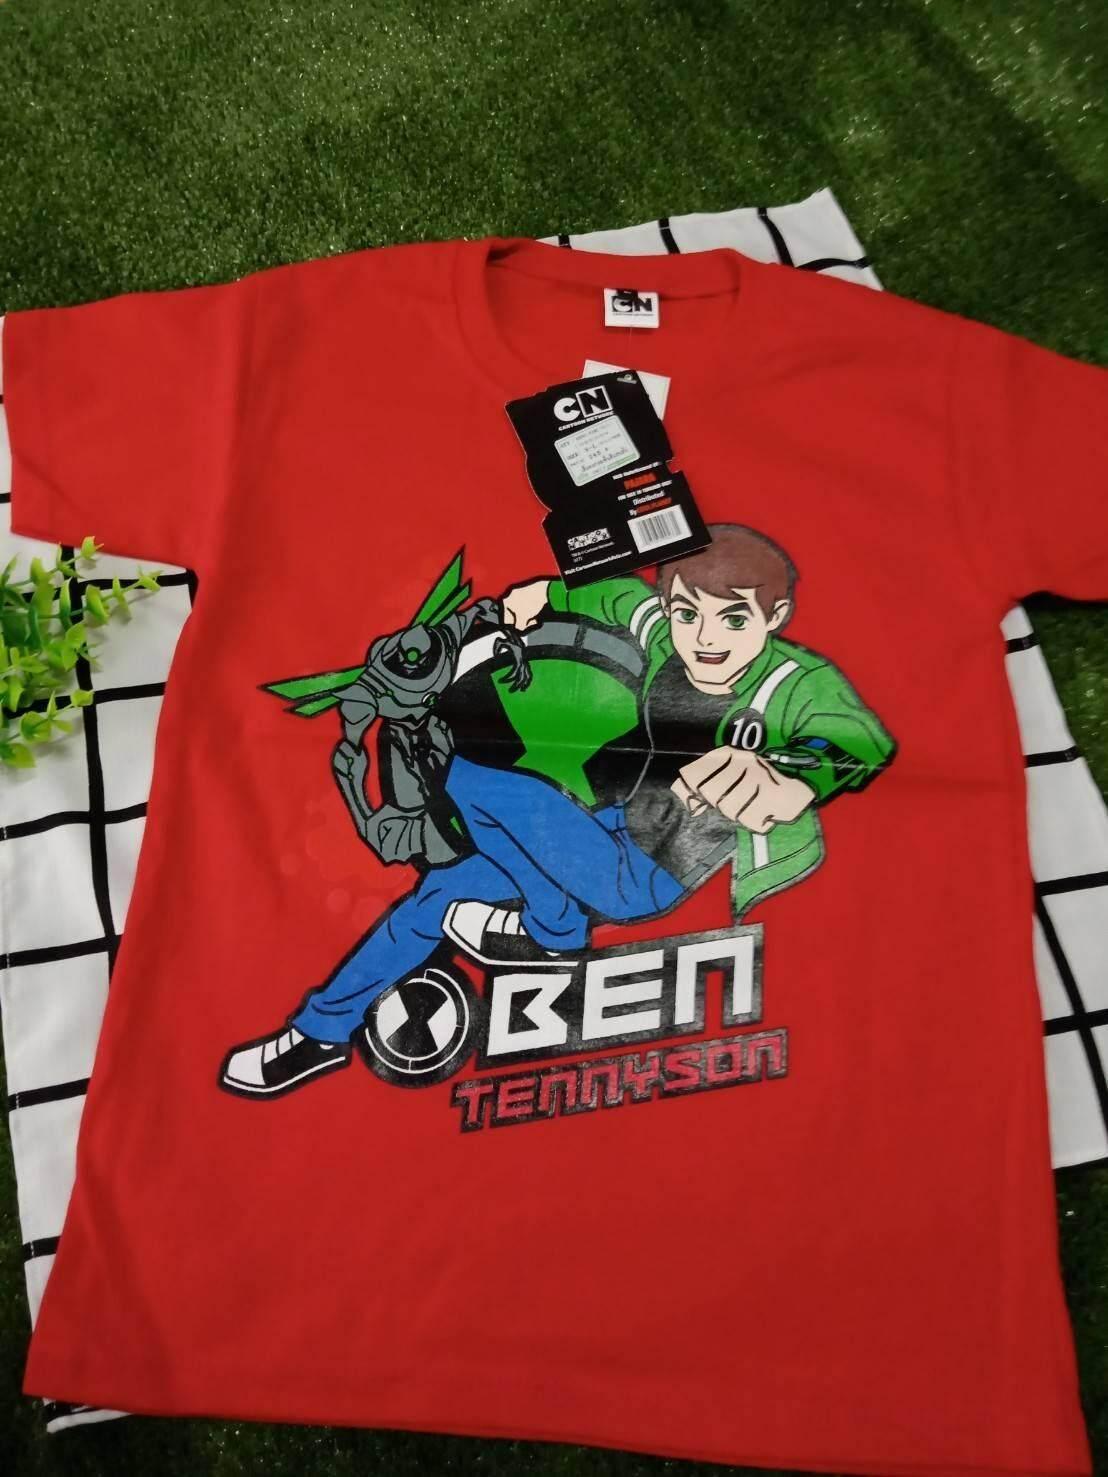 ชุดเด็กเสื้อยืด ลายเบนเทน  สุดเท่ห์ ขนาดเสื้อ รุ่นเด็กเล็ก 1-7 ปี